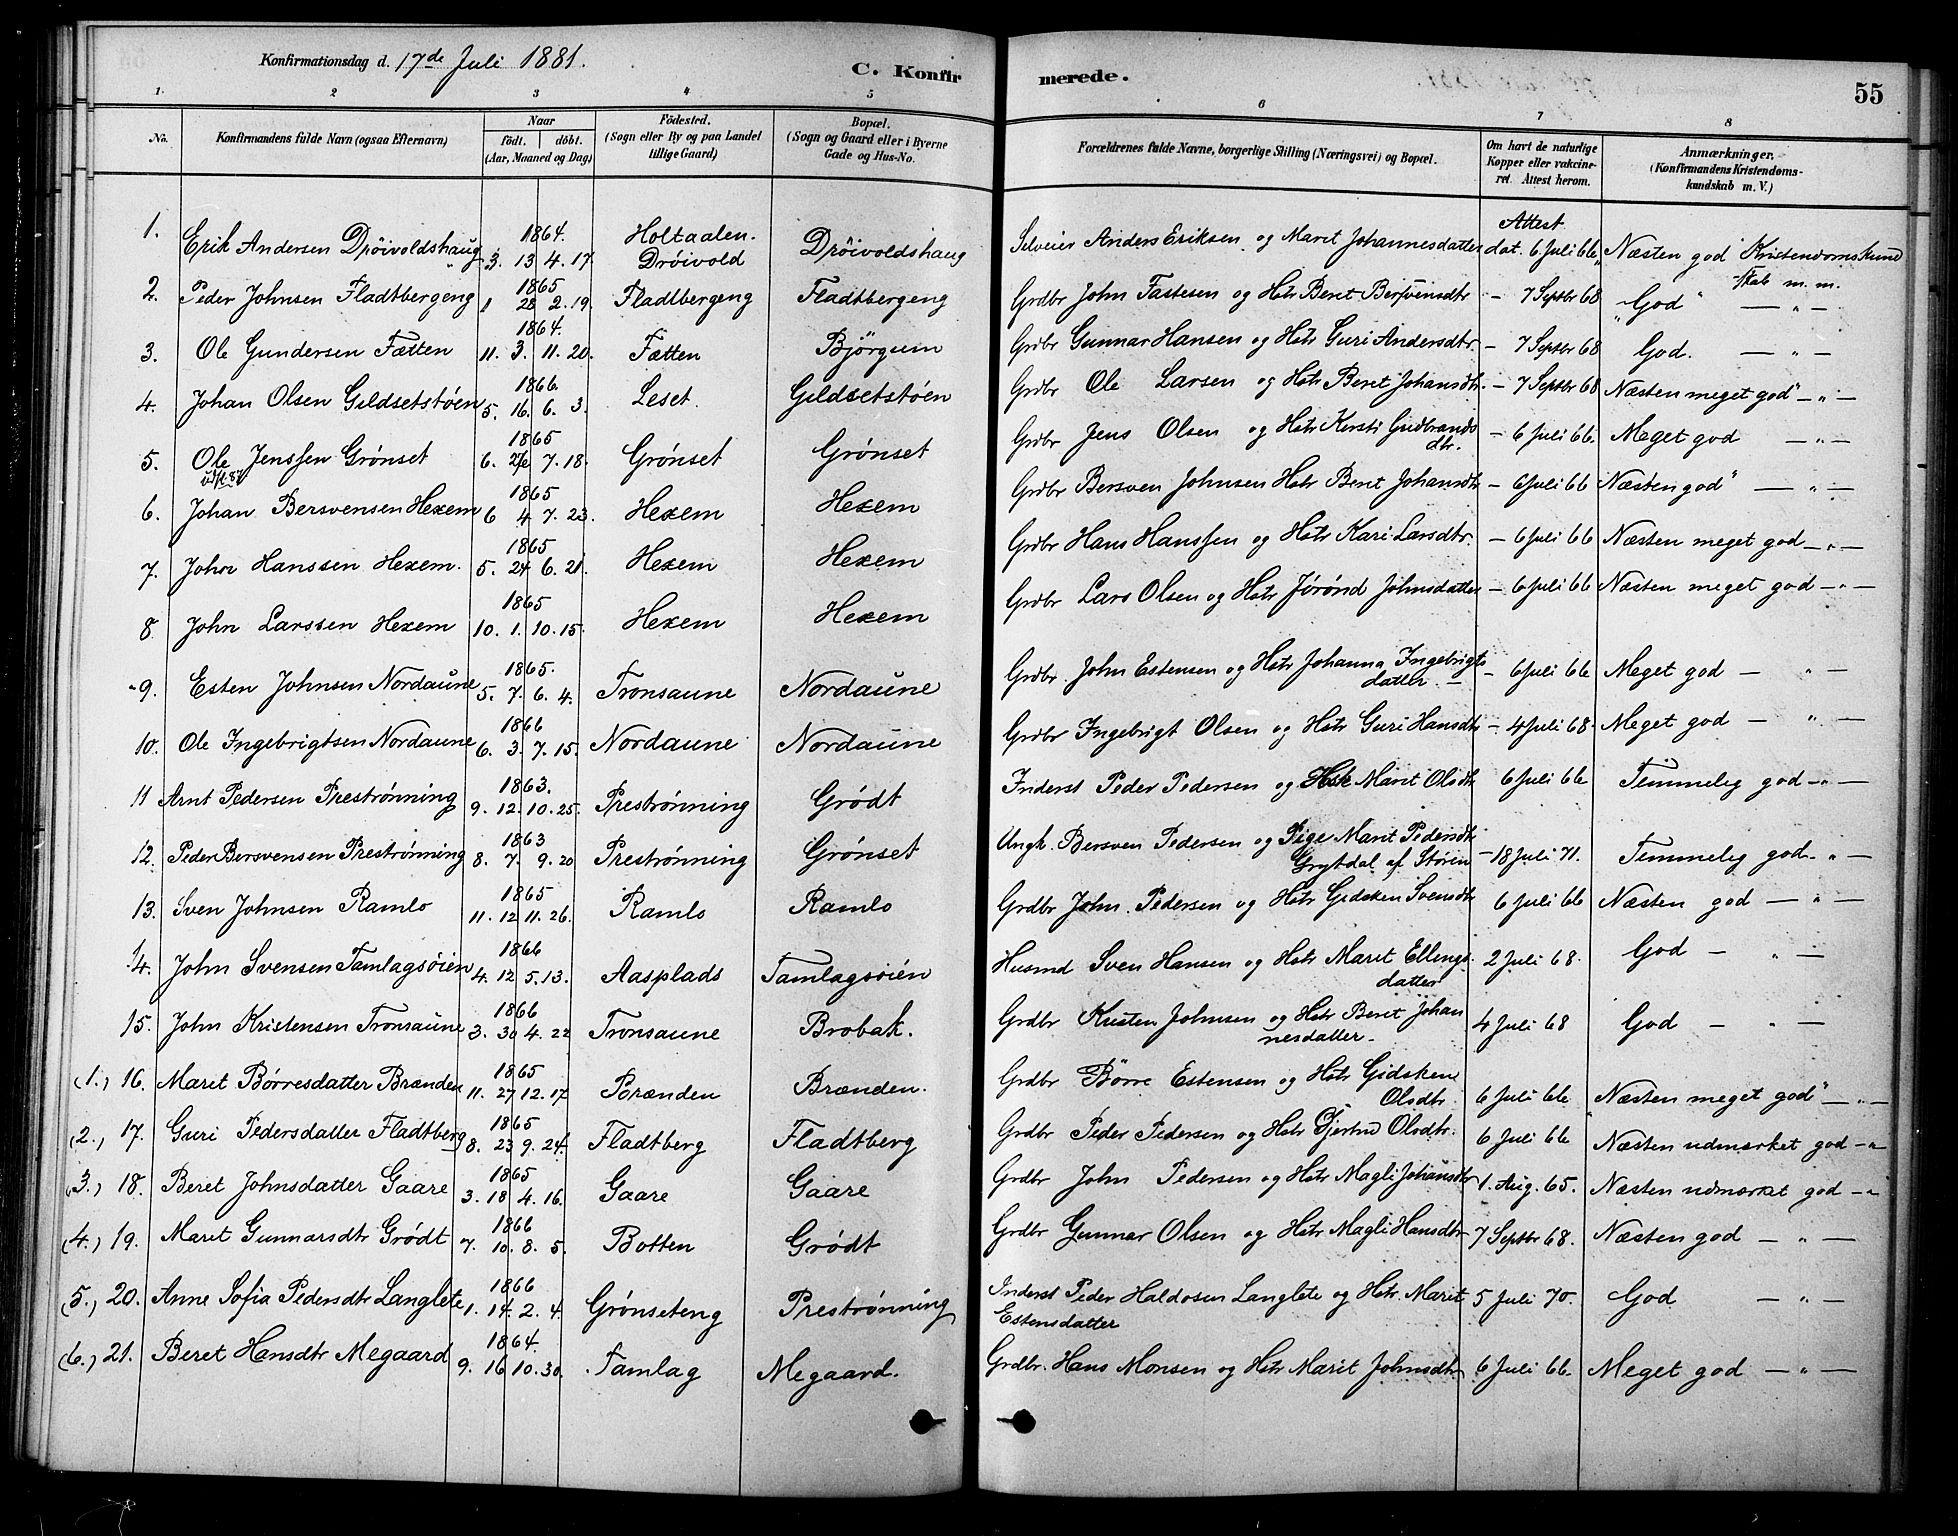 SAT, Ministerialprotokoller, klokkerbøker og fødselsregistre - Sør-Trøndelag, 685/L0972: Ministerialbok nr. 685A09, 1879-1890, s. 55